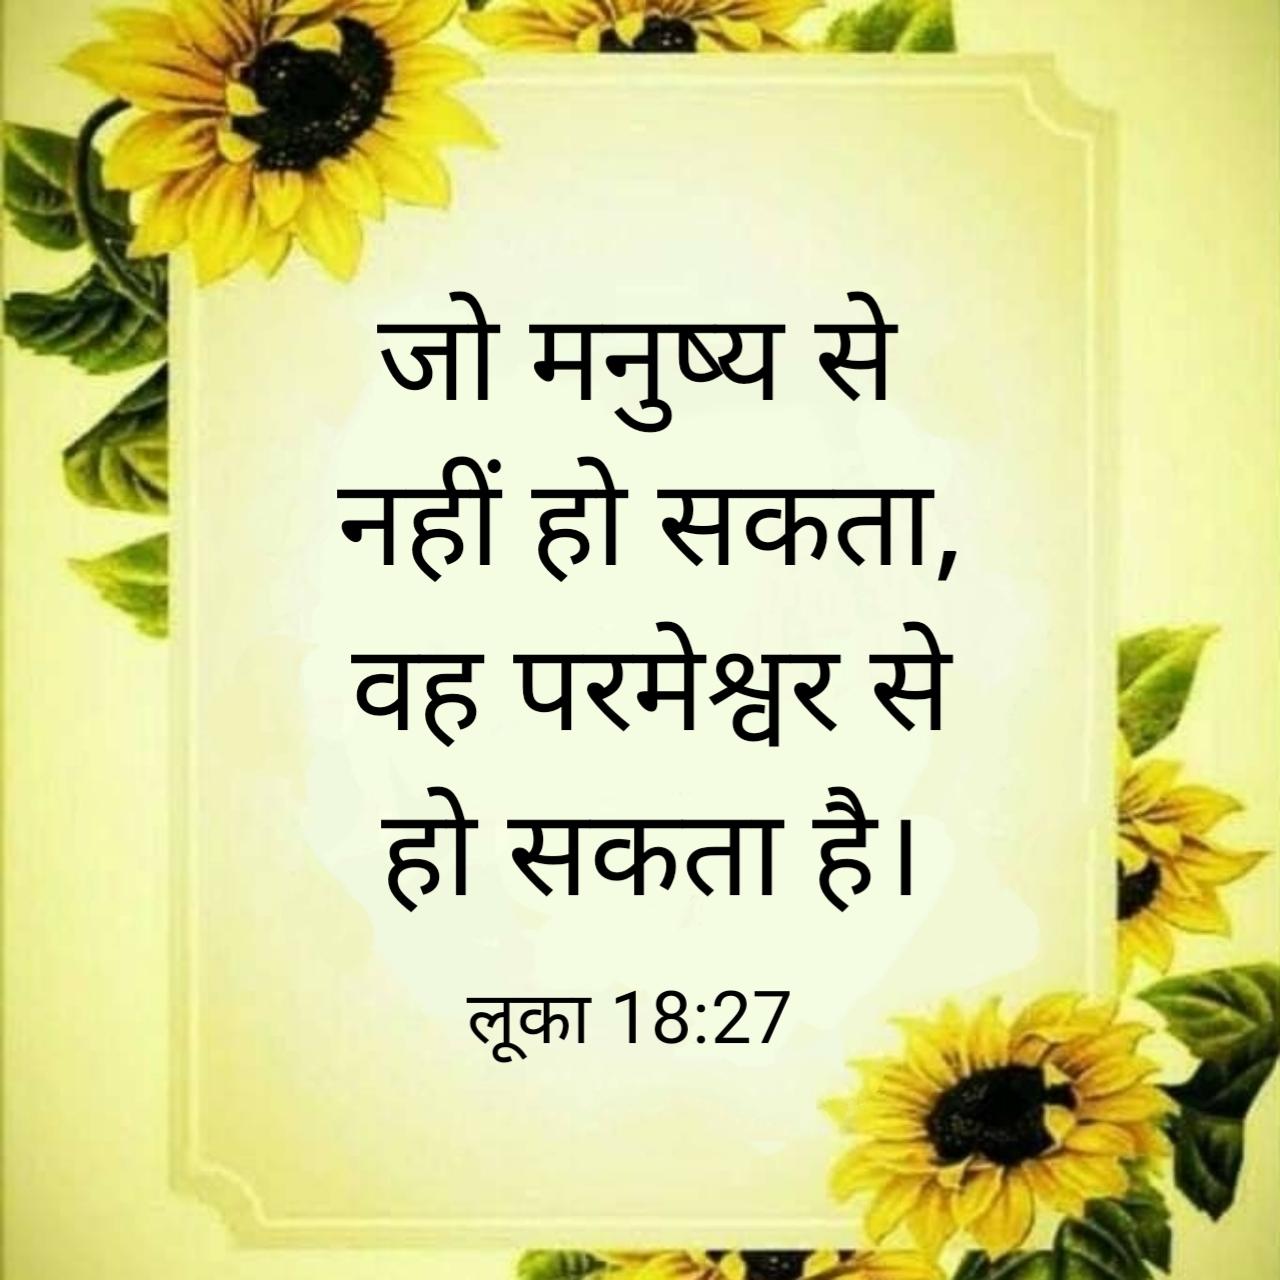 जो मनुष्य से नहीं हो सकता, वह परमेश्वर से हो सकता है।  लूका 18:27